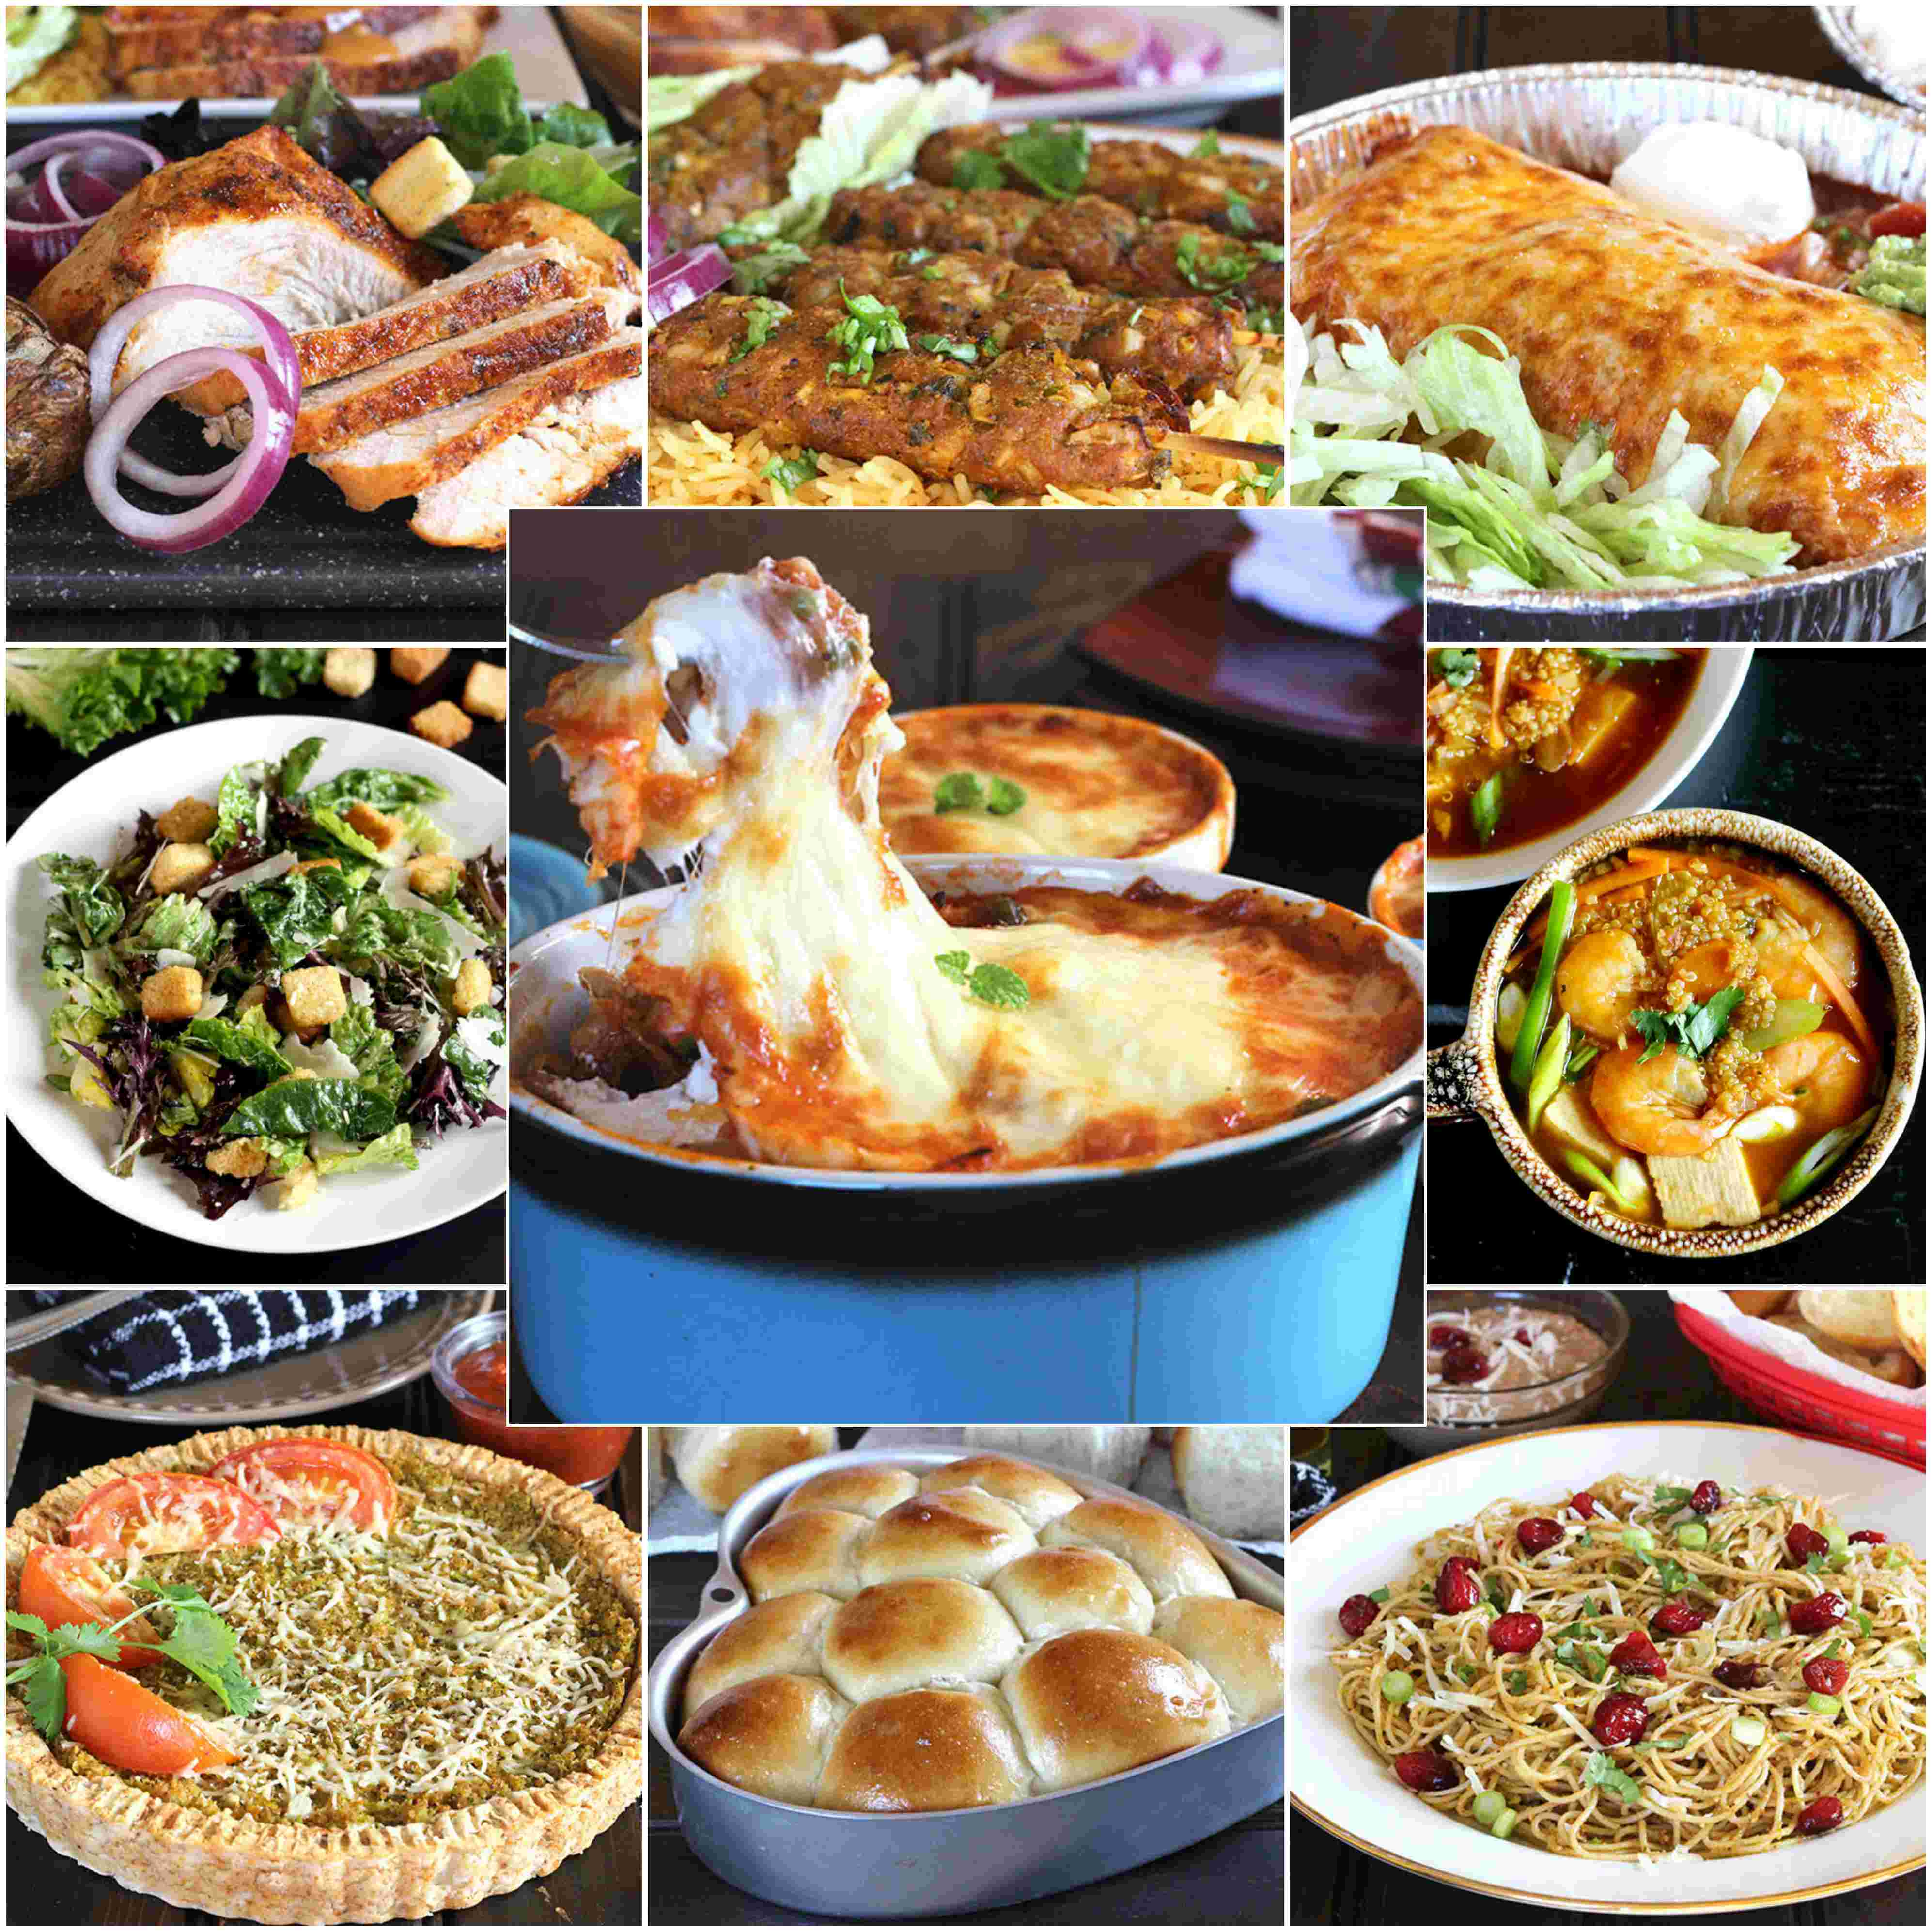 HOLIDAY DINNER RECIPE IDEAS